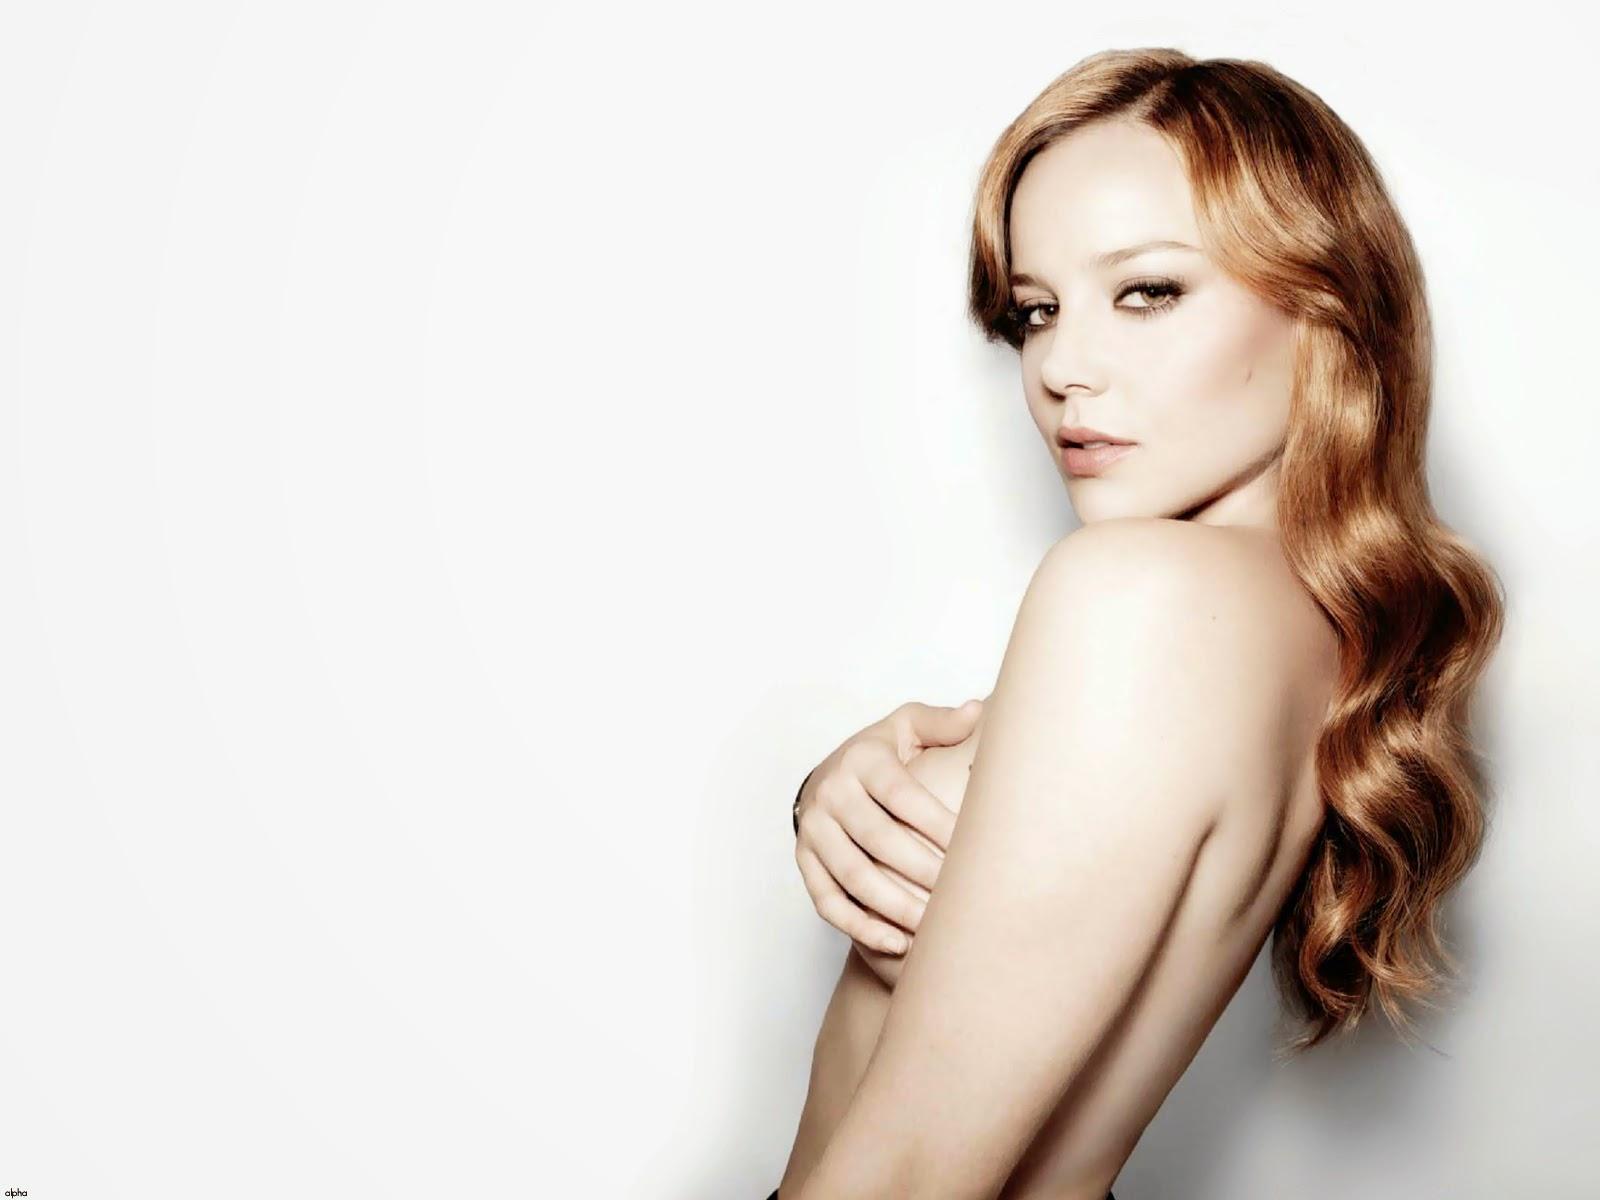 naked hollywood actress wallpaper jpg 853x1280